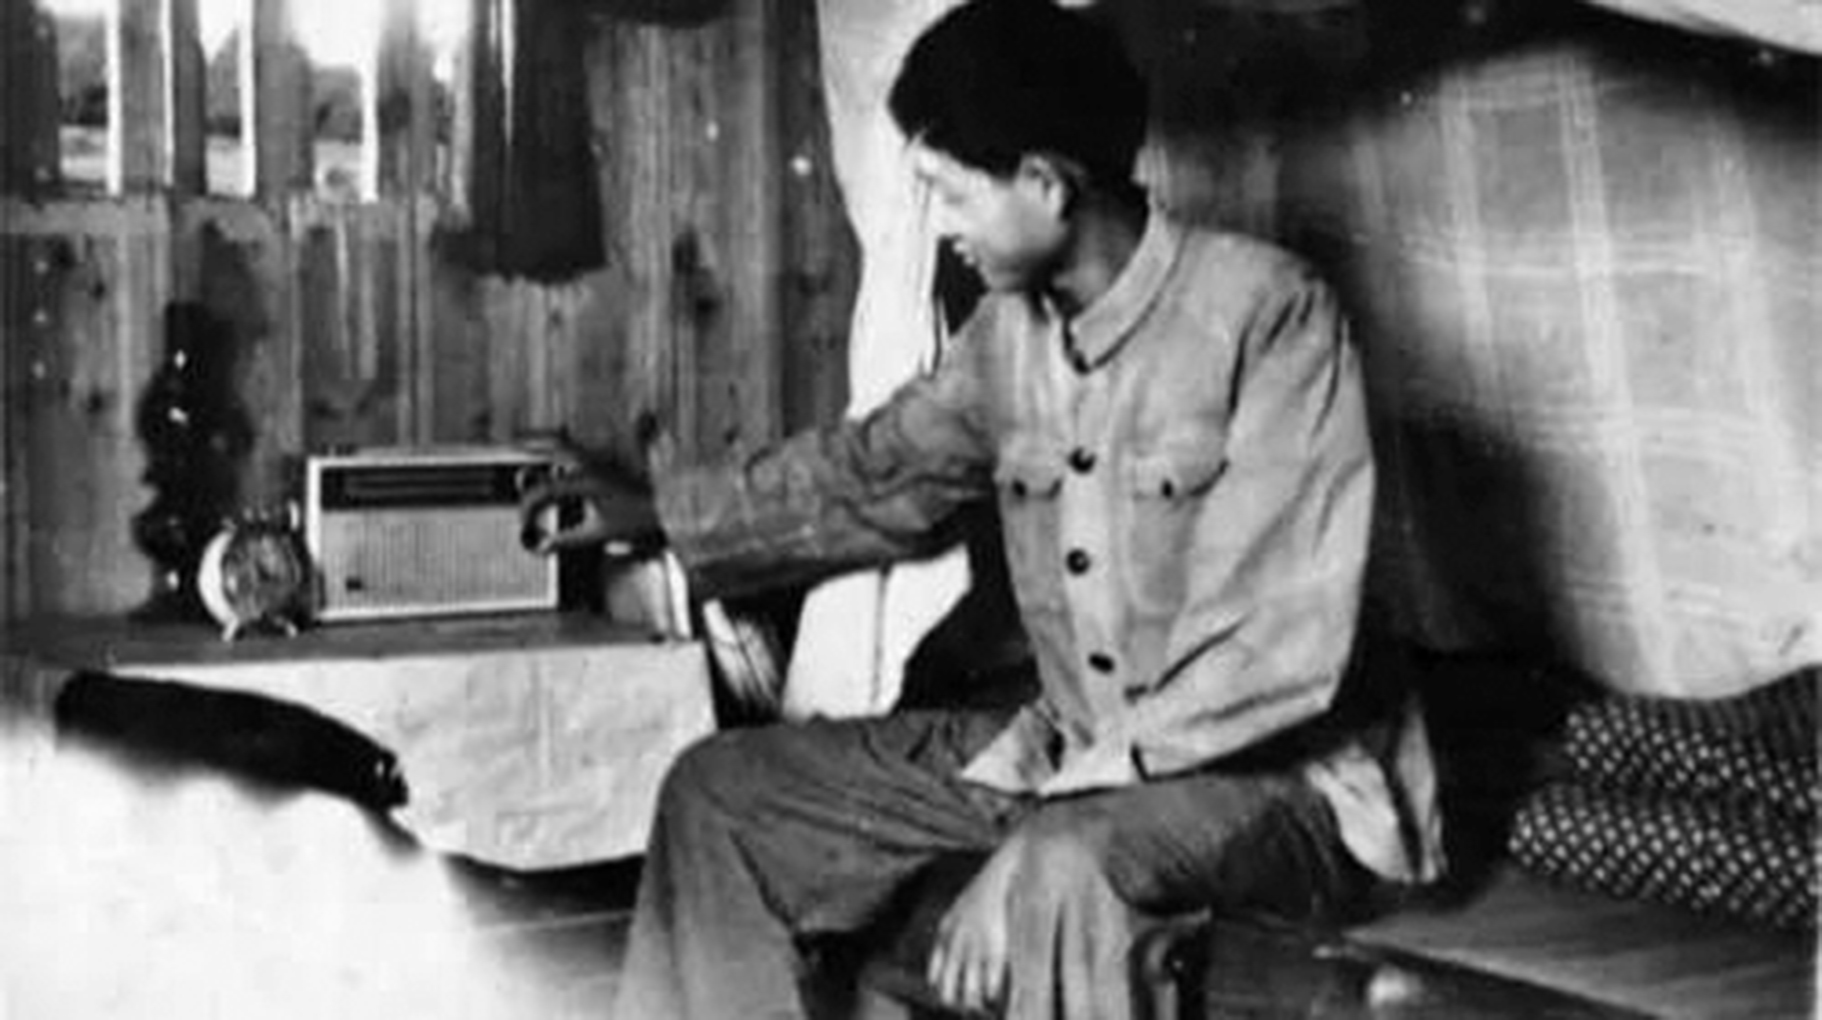 文革時收聽「敵台」,讓很多中國人在黑暗的歲月中,找到了真相,並因此而學會獨立思考,走向覺醒。(網路圖片)